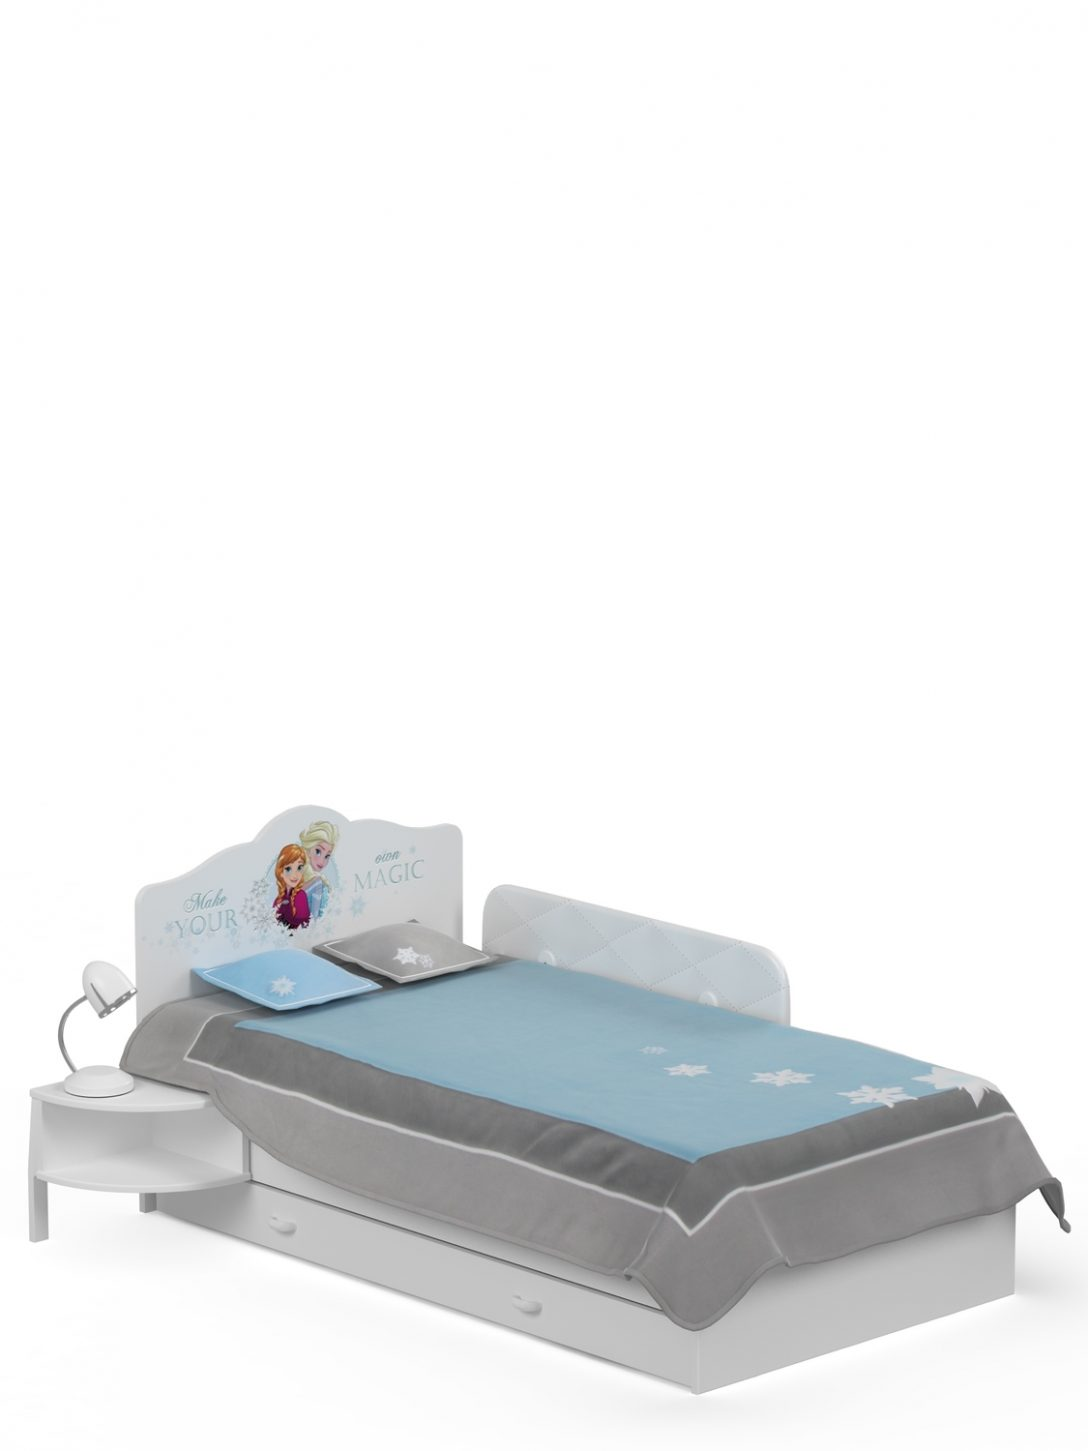 Large Size of Schwarzes Bett Jugendzimmer 2x2m Betten Kaufen 140x200 Prinzessin 160x200 Mit Lattenrost Und Matratze 120x200 Ohne Füße Sonoma Eiche Bestes Bett Bett 90x190